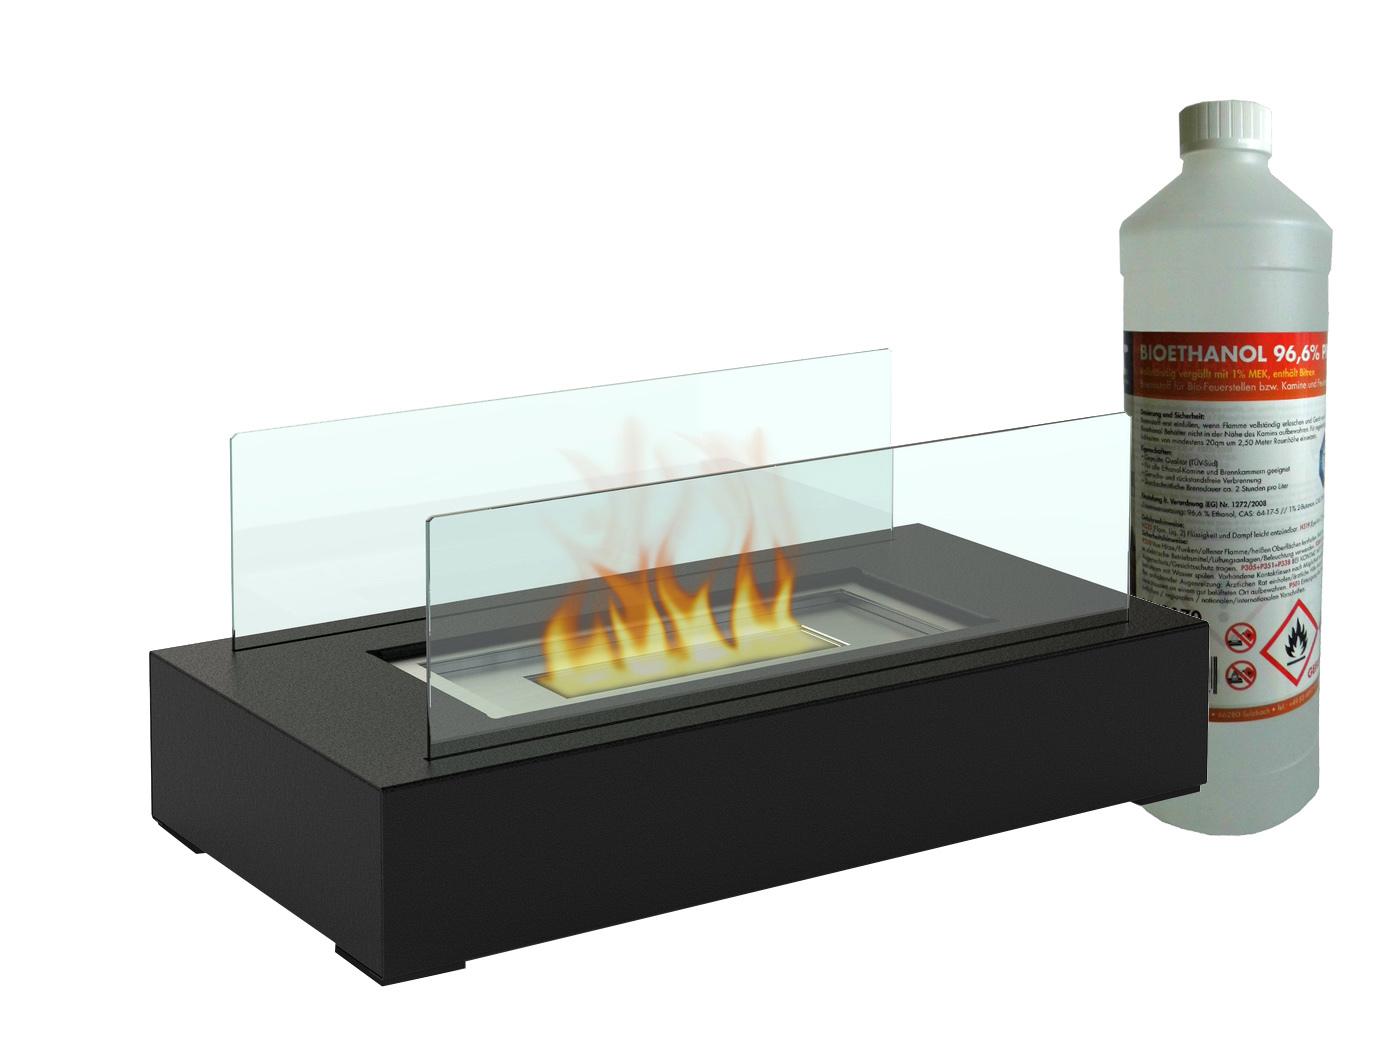 Sehr Tischkamin mit 1Liter Bio Ethanol, Tischfeuer Glaskamin Luxus LU12